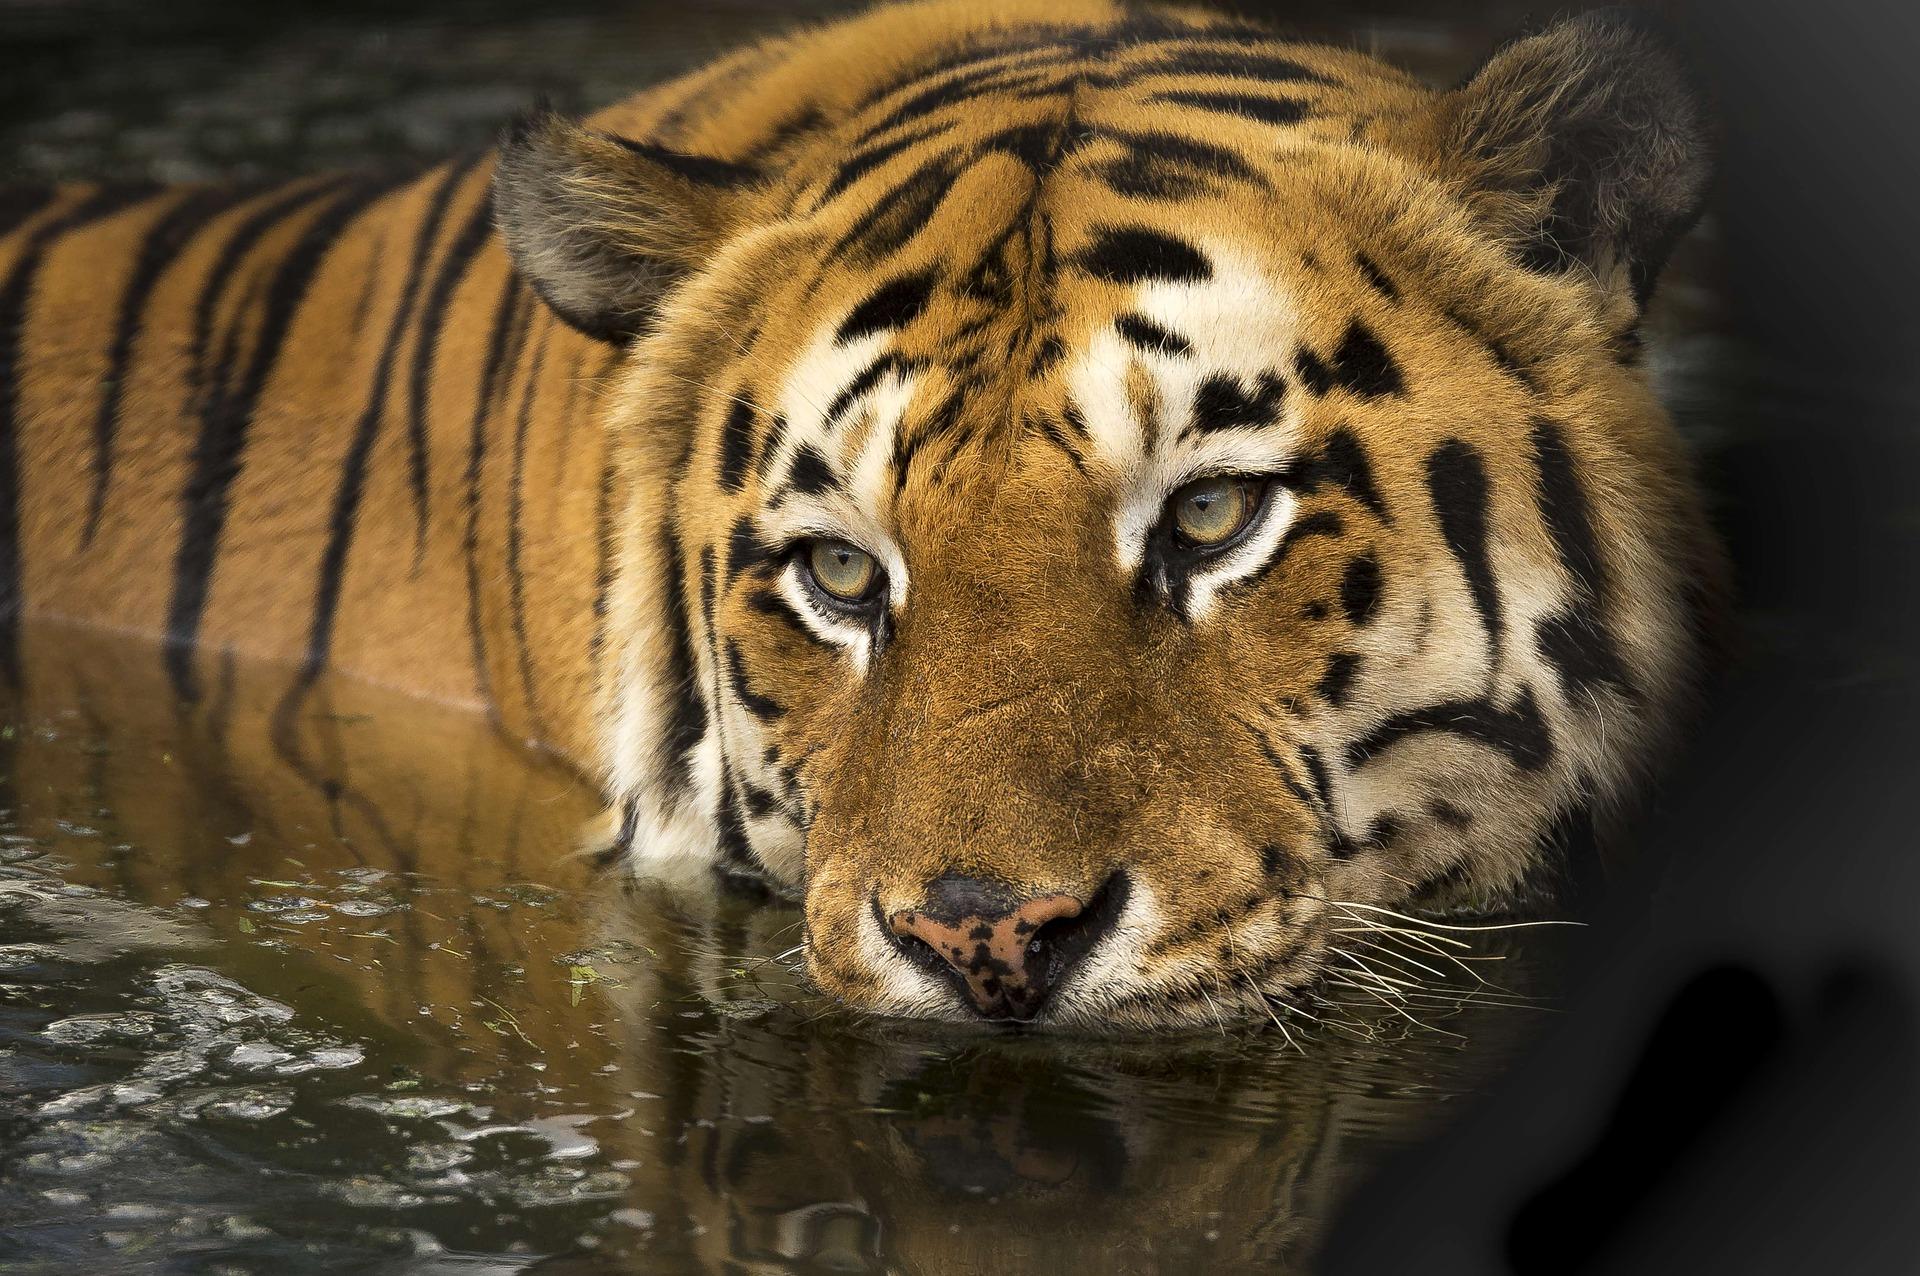 tigre de bengala en su hábitat natural